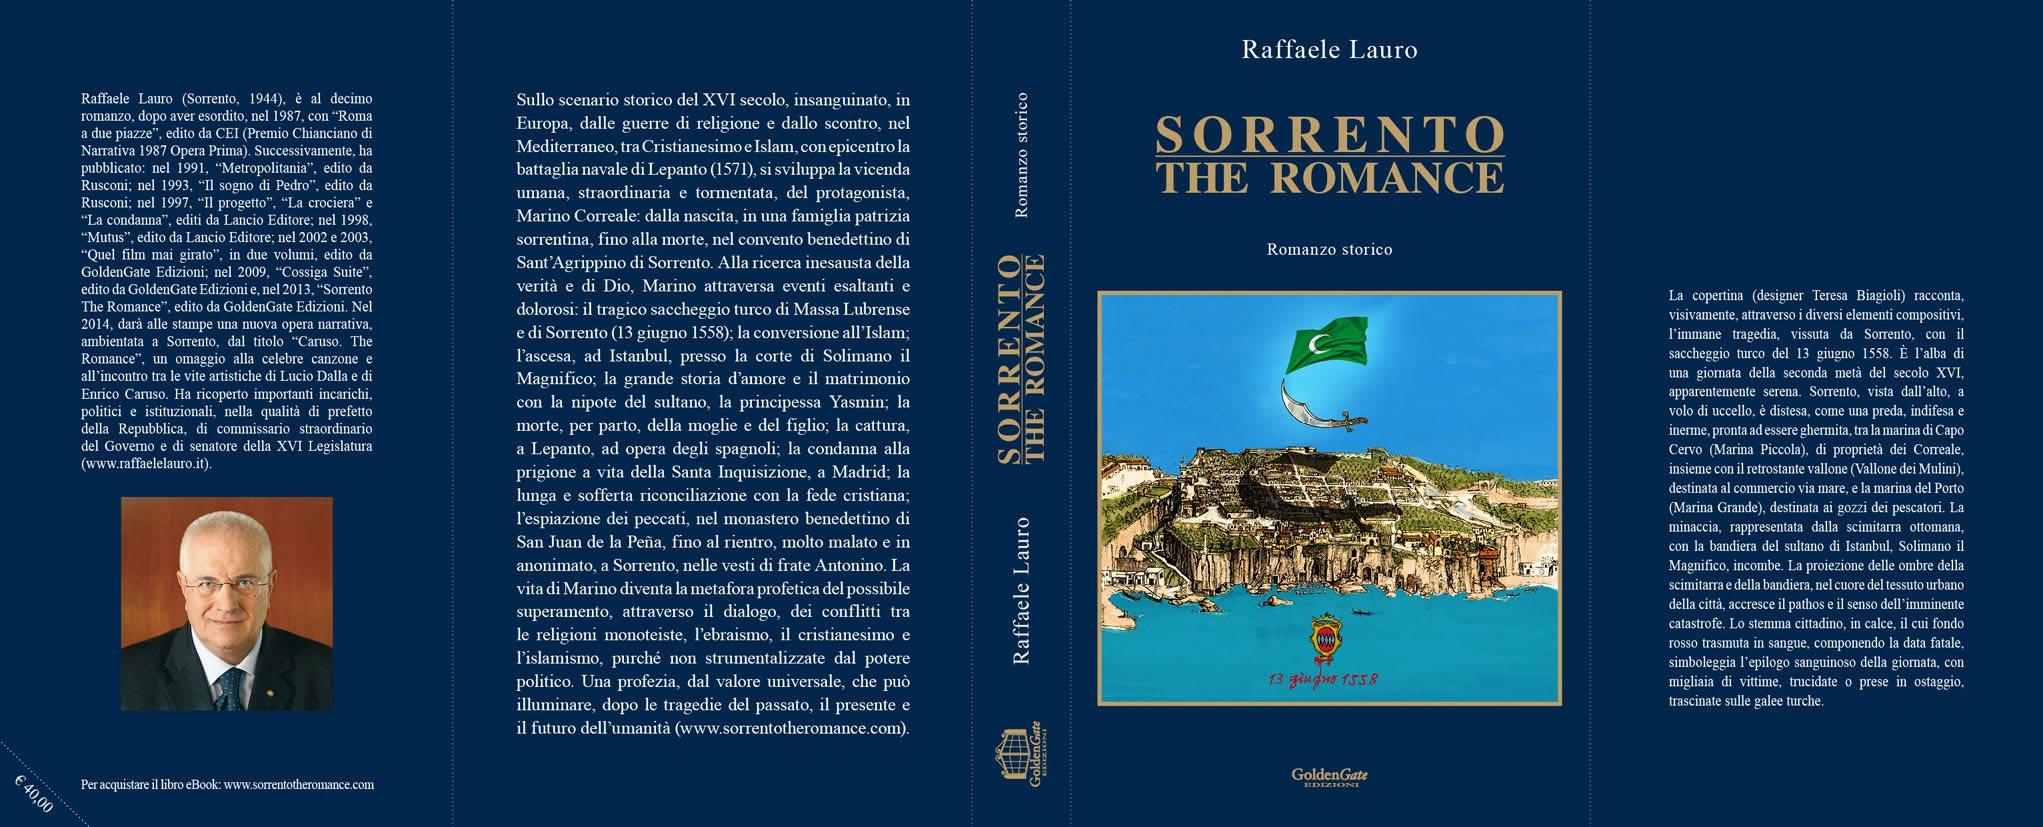 """Il romanzo di Raffaele Lauro """"Sorrento the Romance"""" letto e discusso in Penisola."""